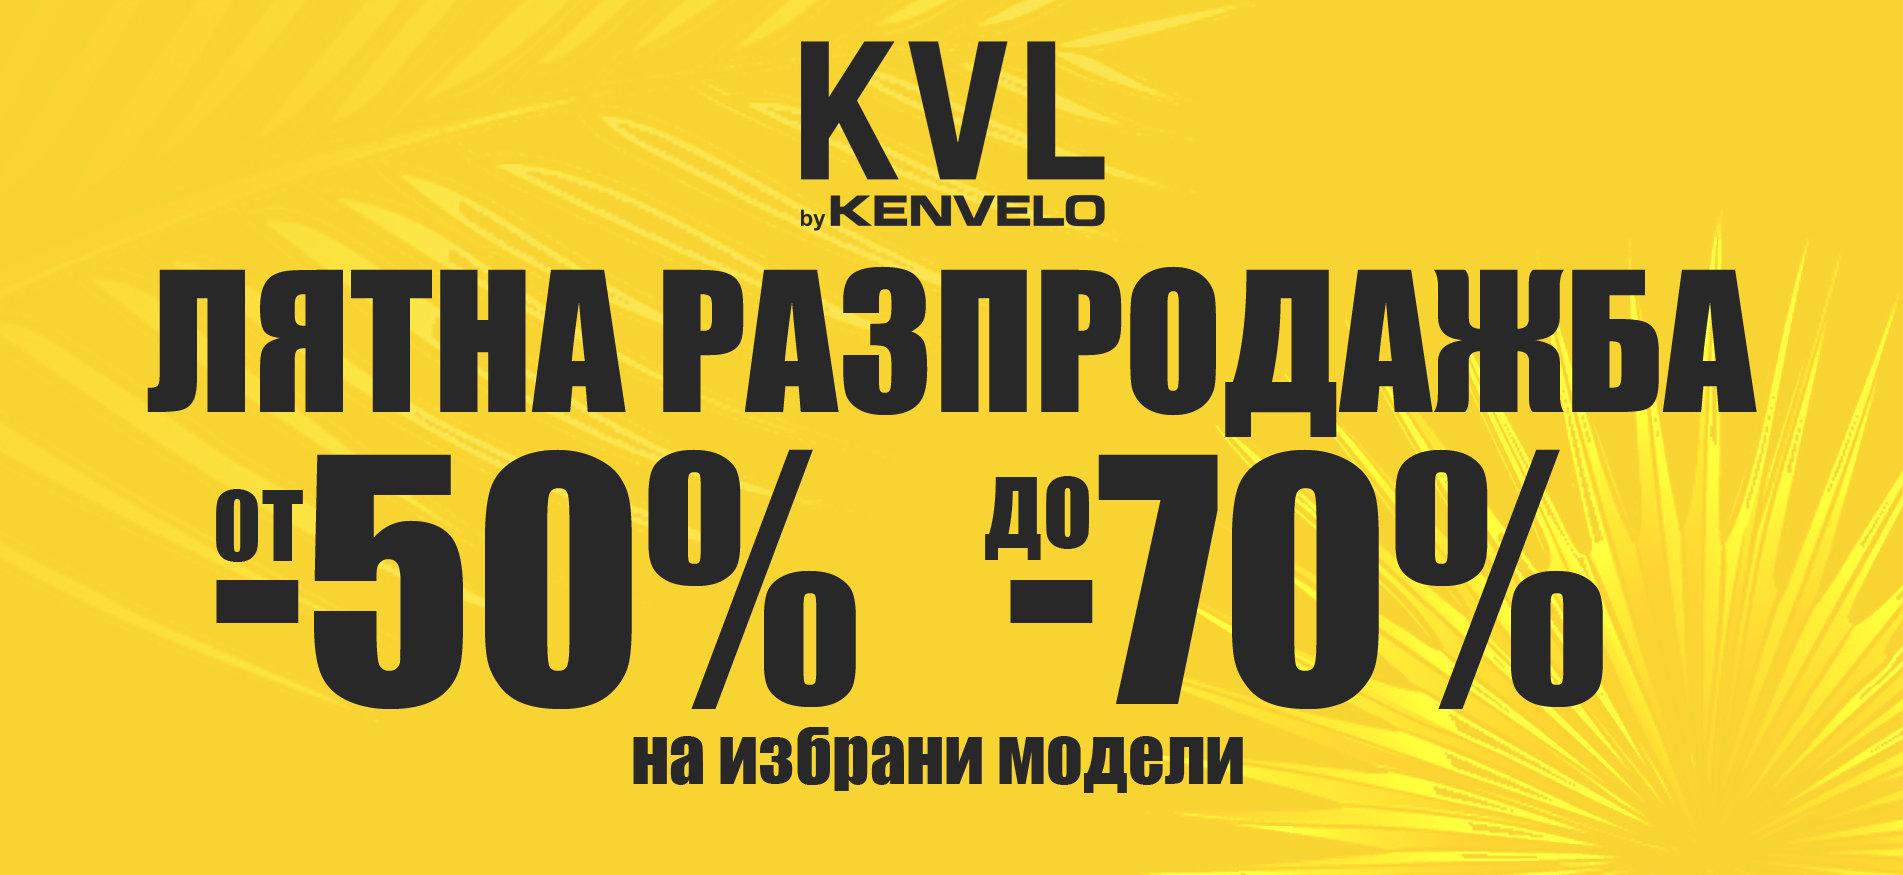 d92fe5bc10a Kenvelo | Онлайн магазин за дрехи - Пазарувай изгодно